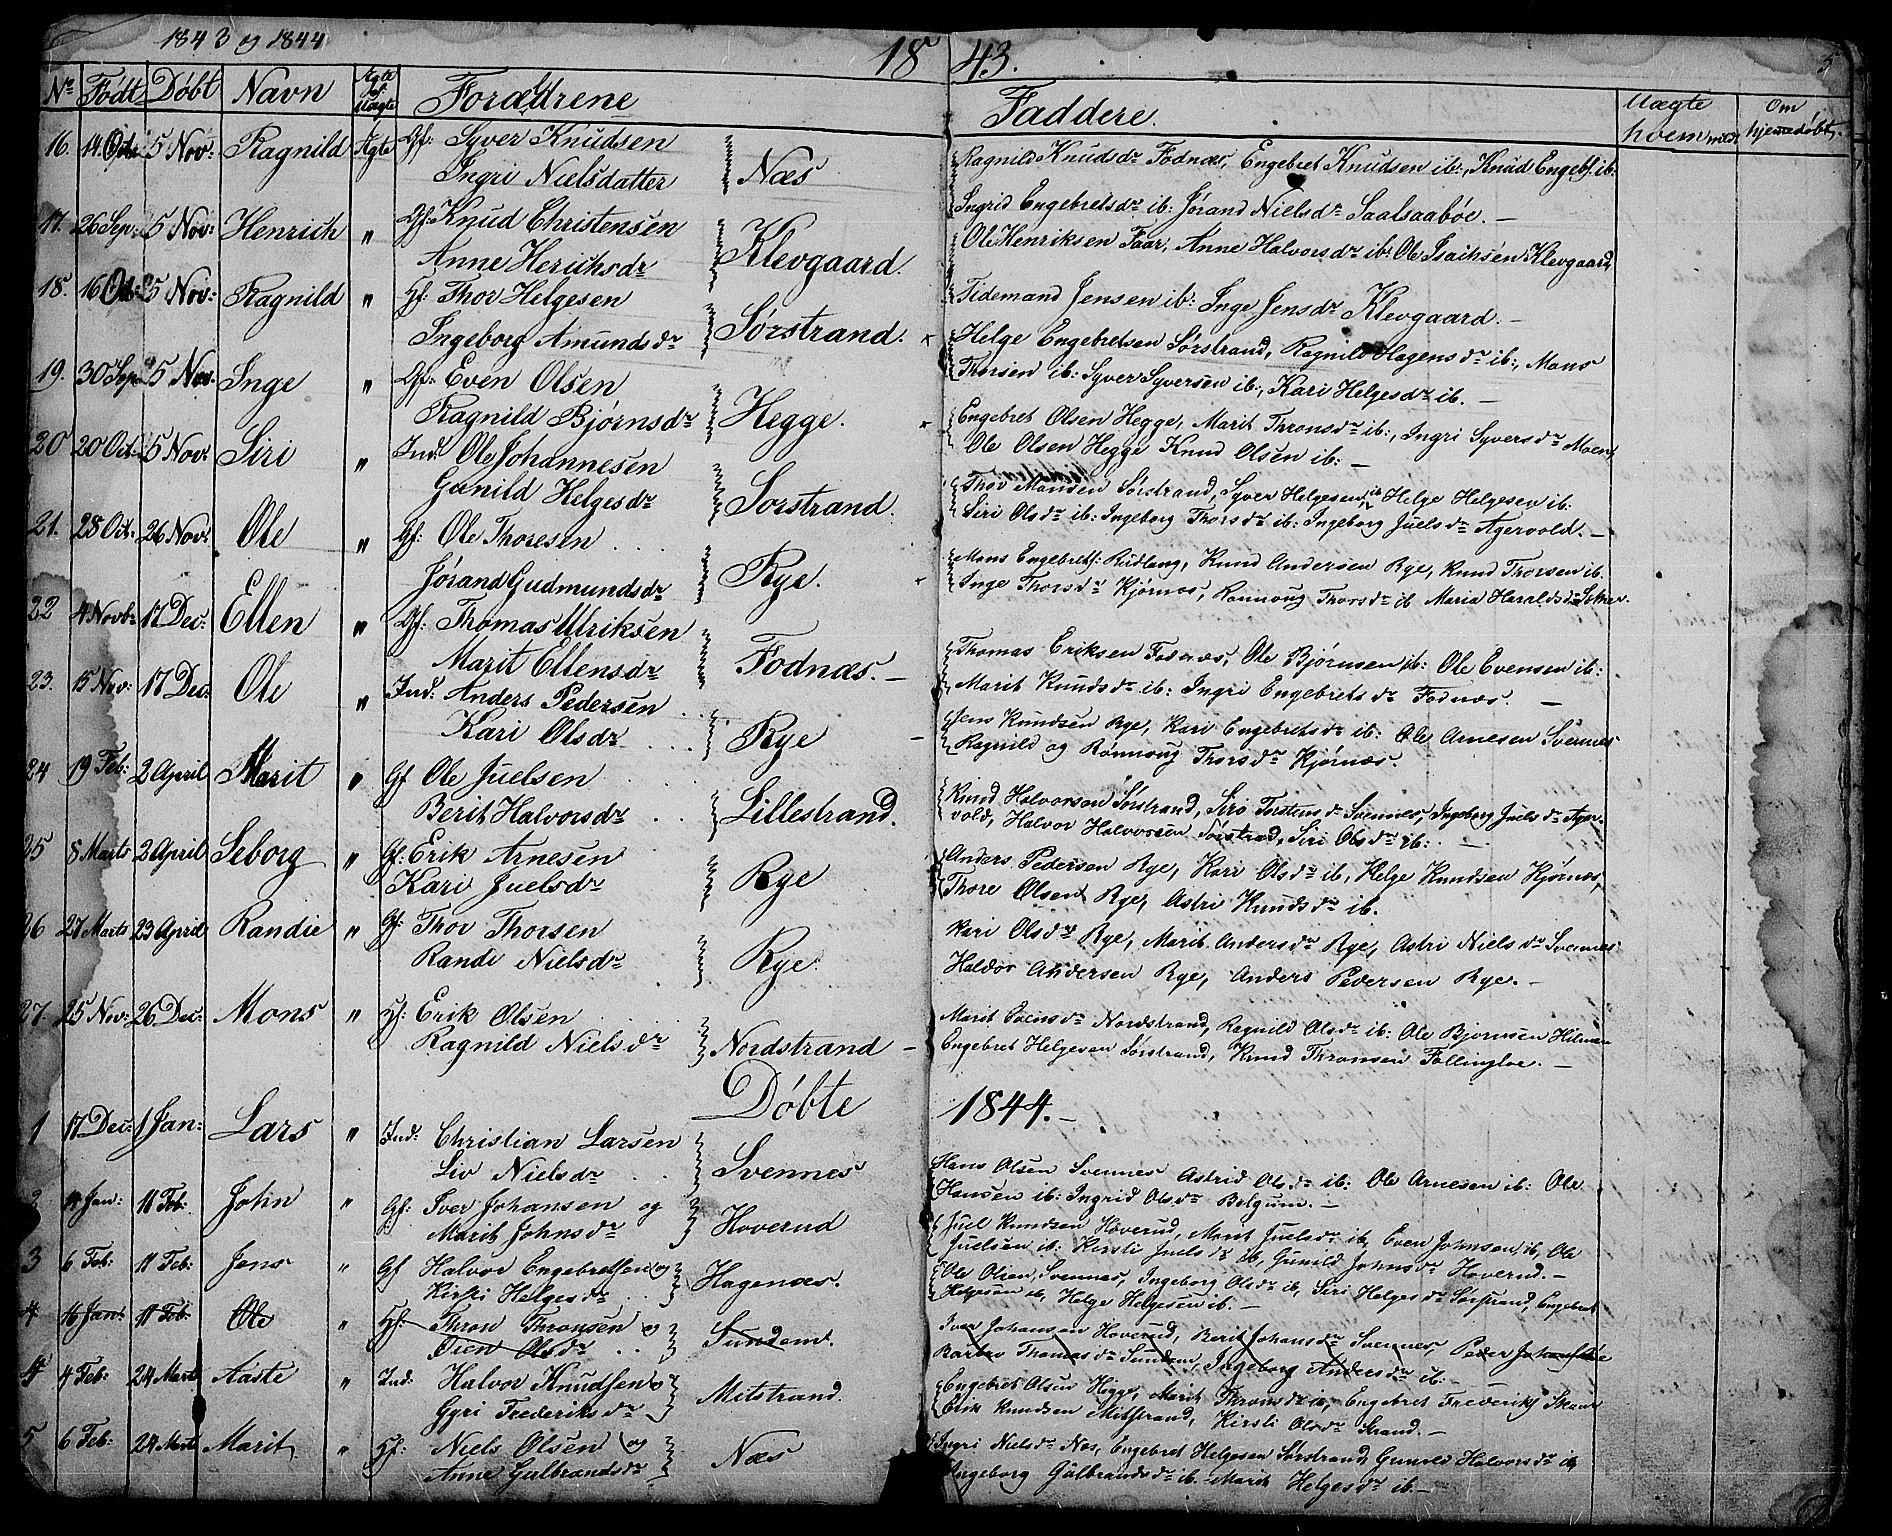 SAH, Nord-Aurdal prestekontor, Klokkerbok nr. 3, 1842-1882, s. 5